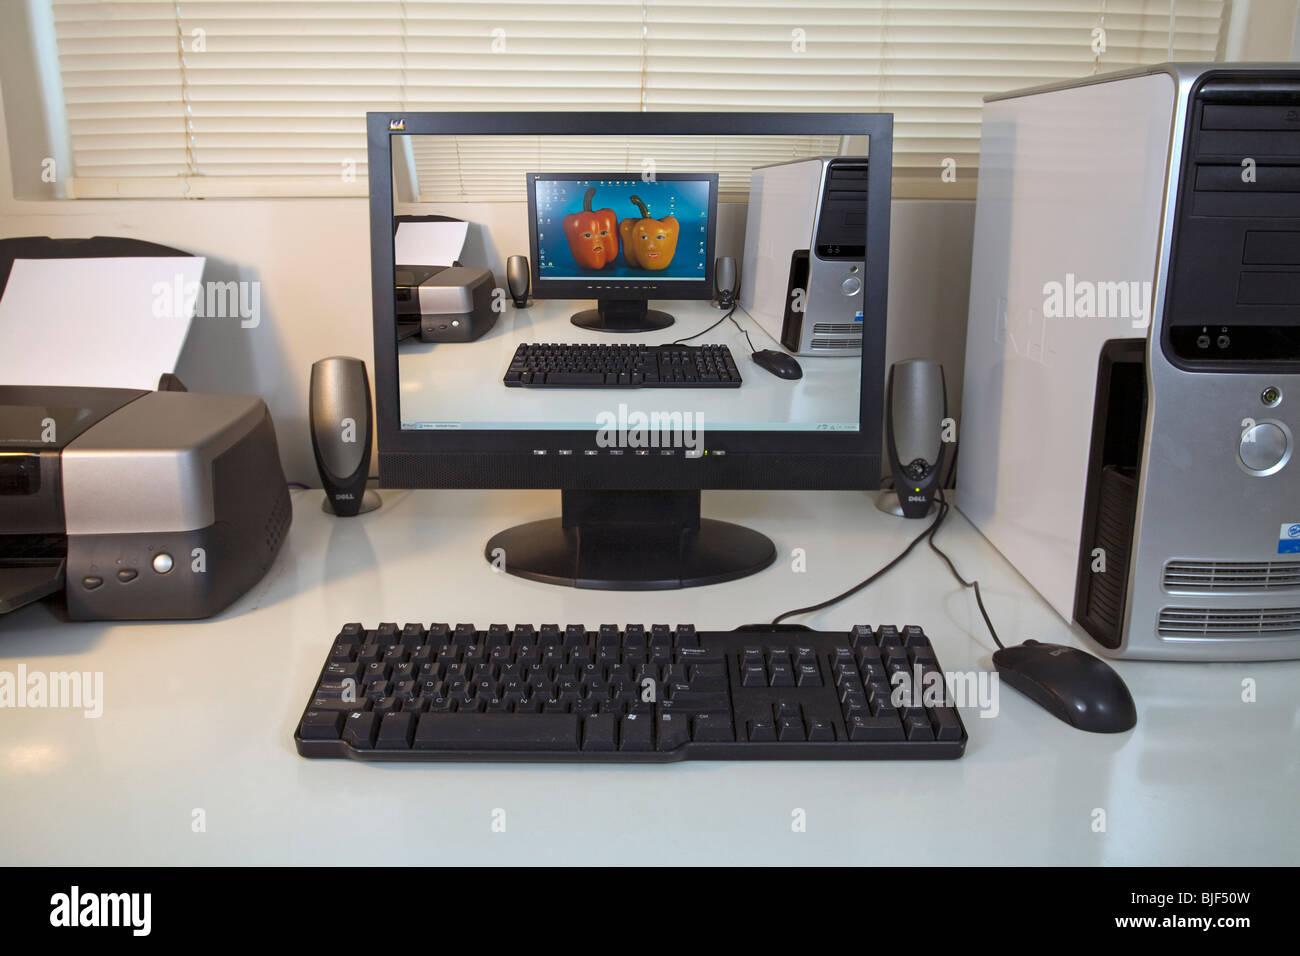 Ordinateur de bureau moniteur écran économiseur d'écran Photo Stock